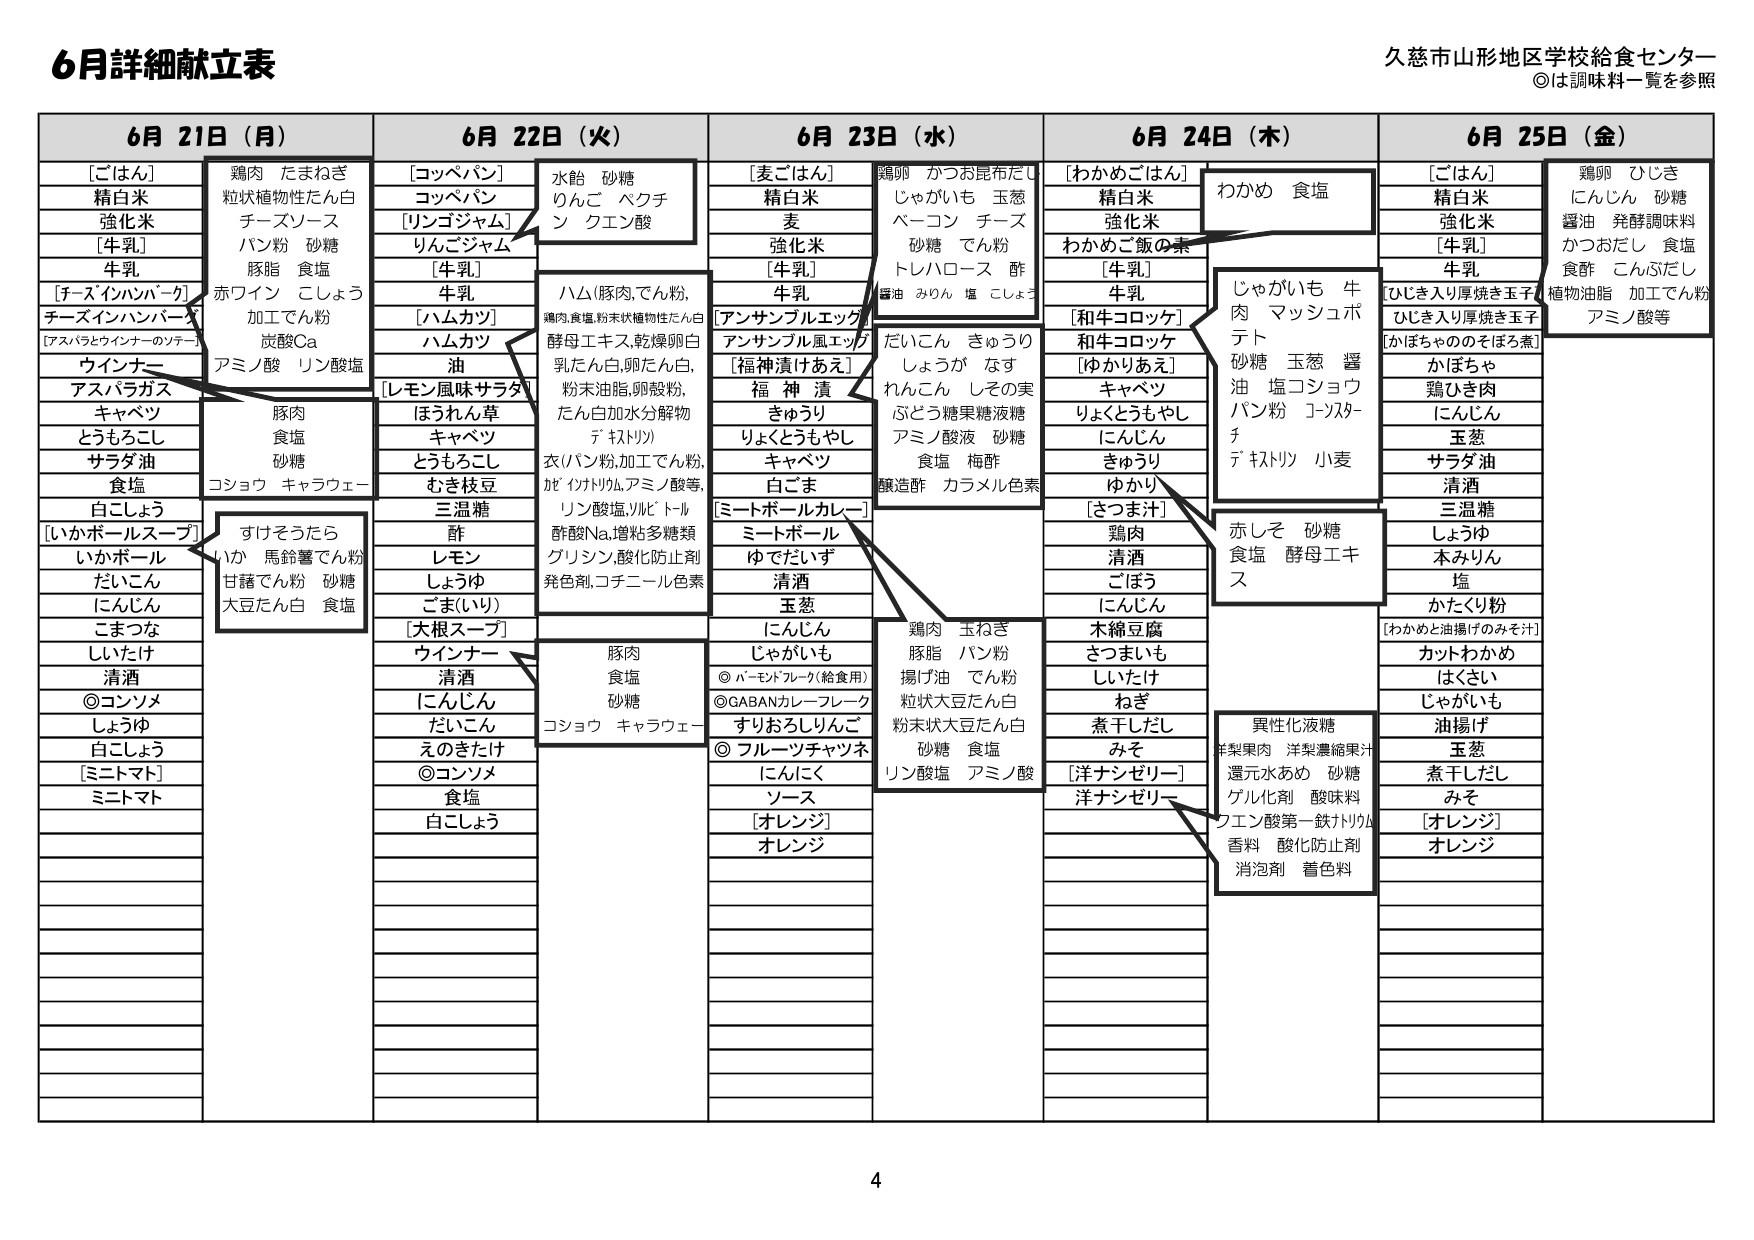 山形地区給食詳細献立表(令和3年6月)4